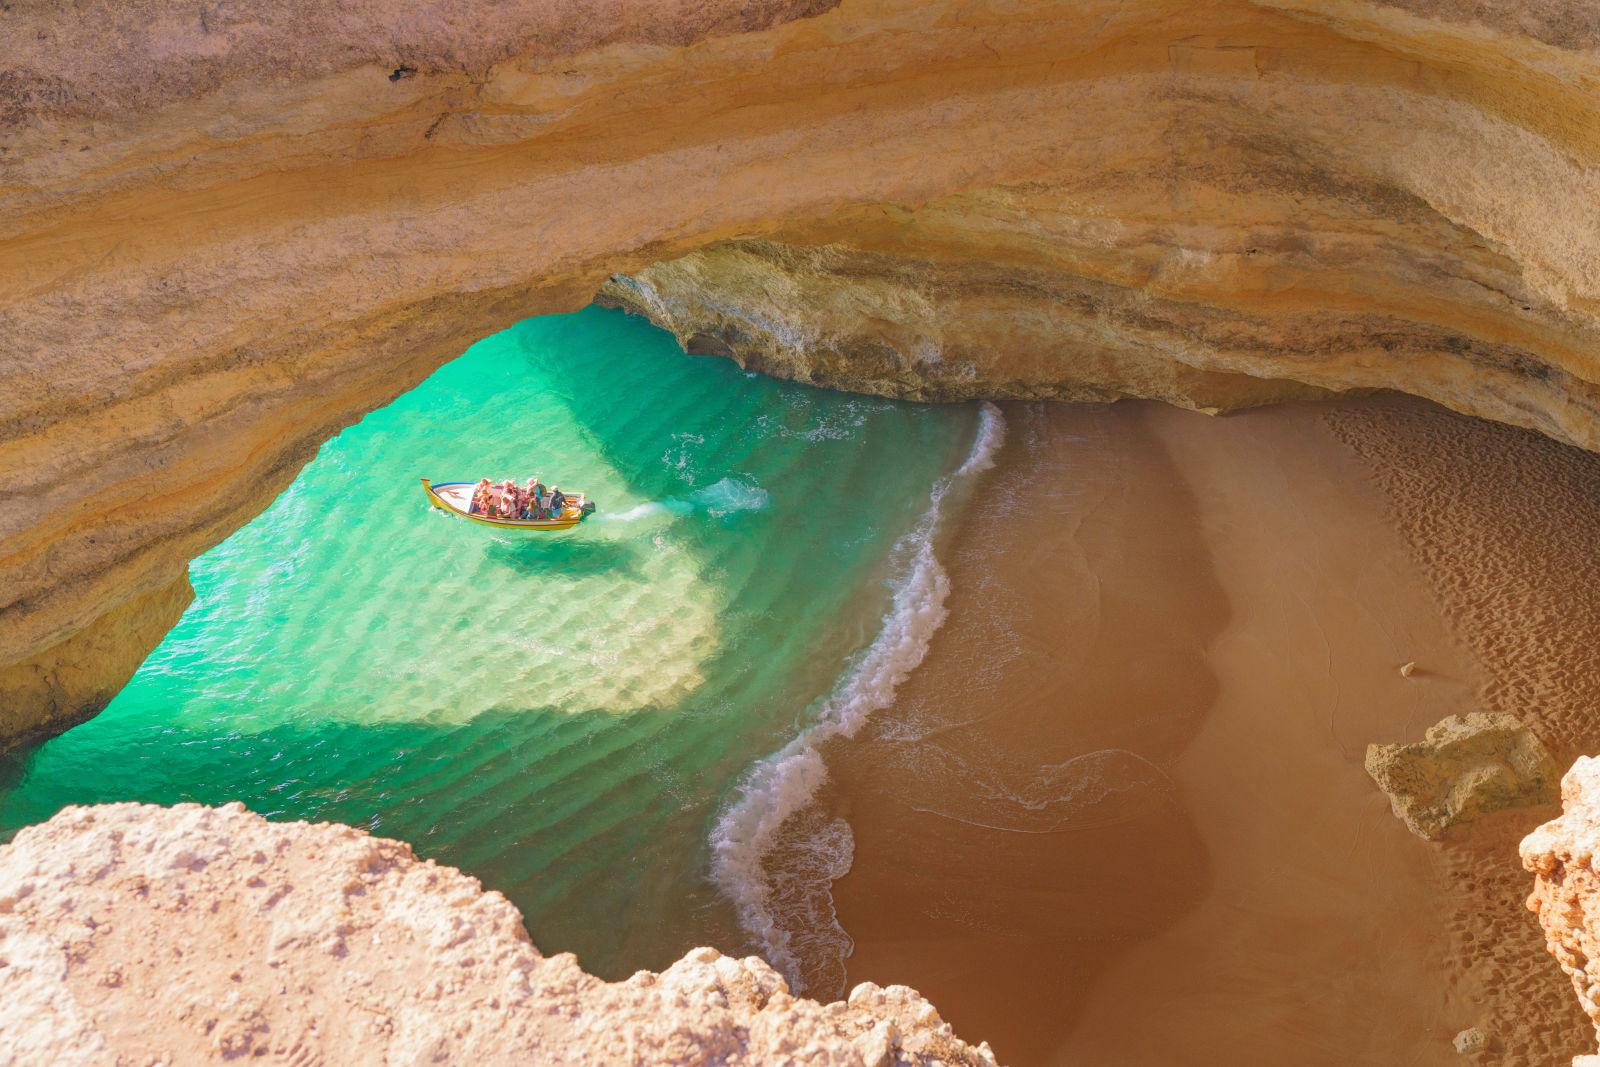 Algarve, Boat, Body of water